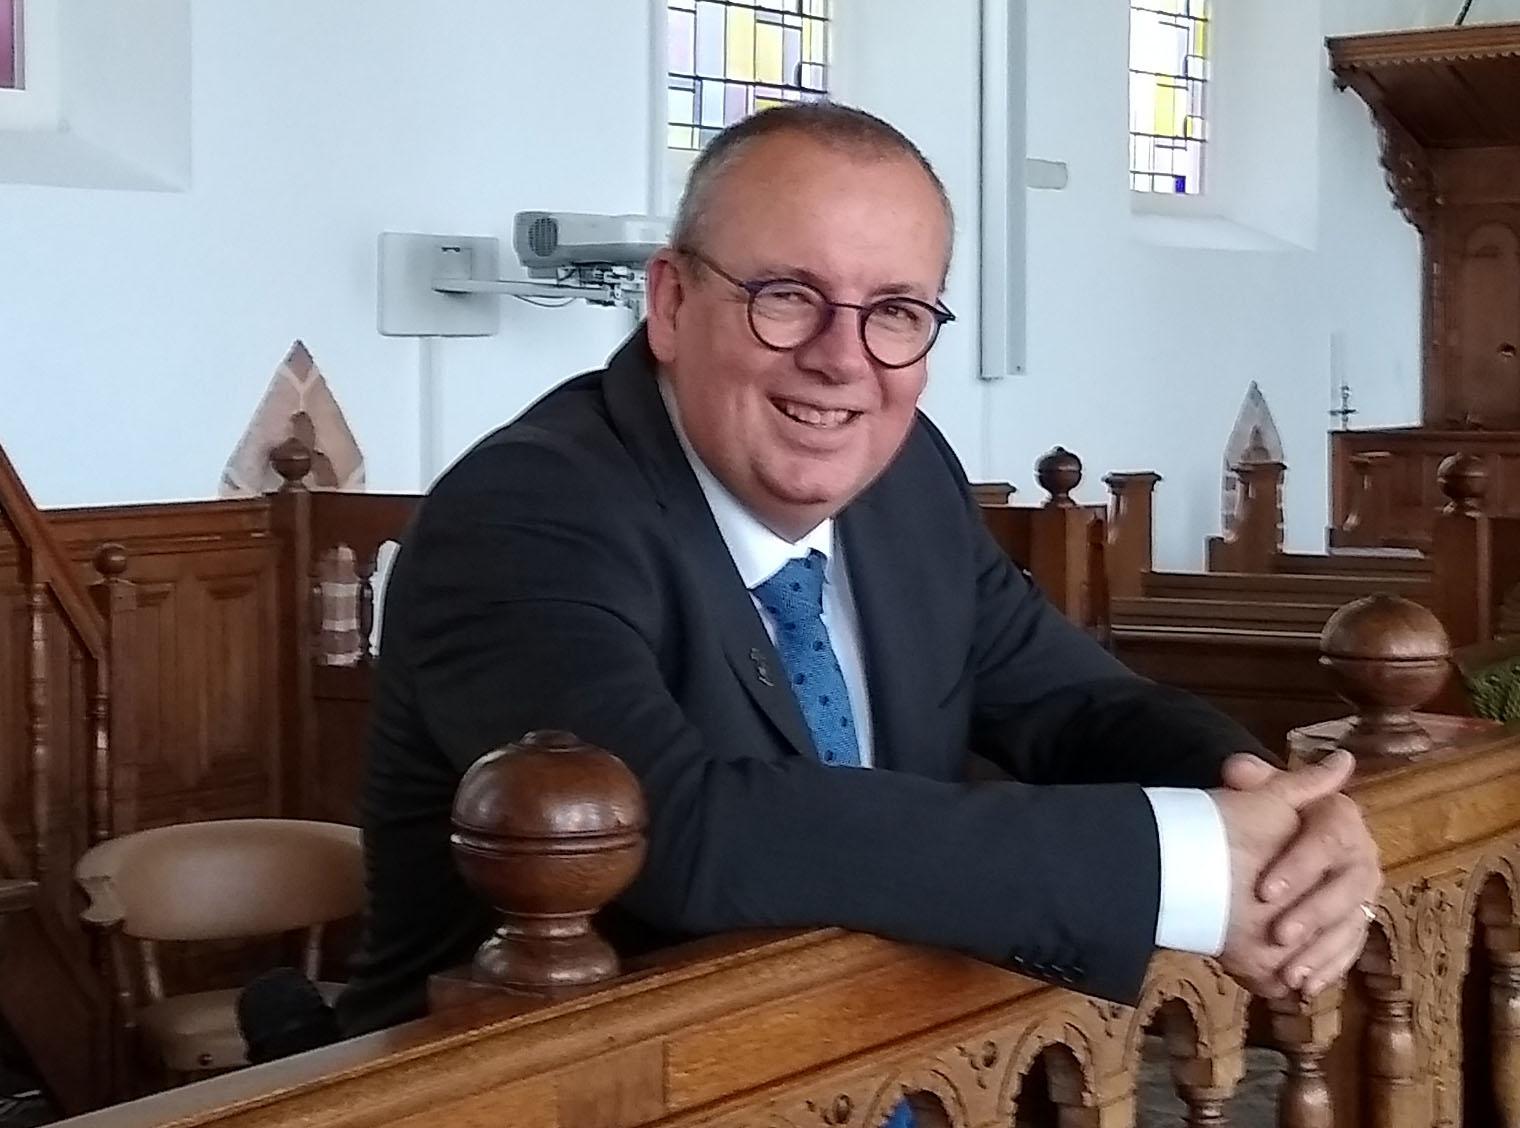 ds Arie van der Maas